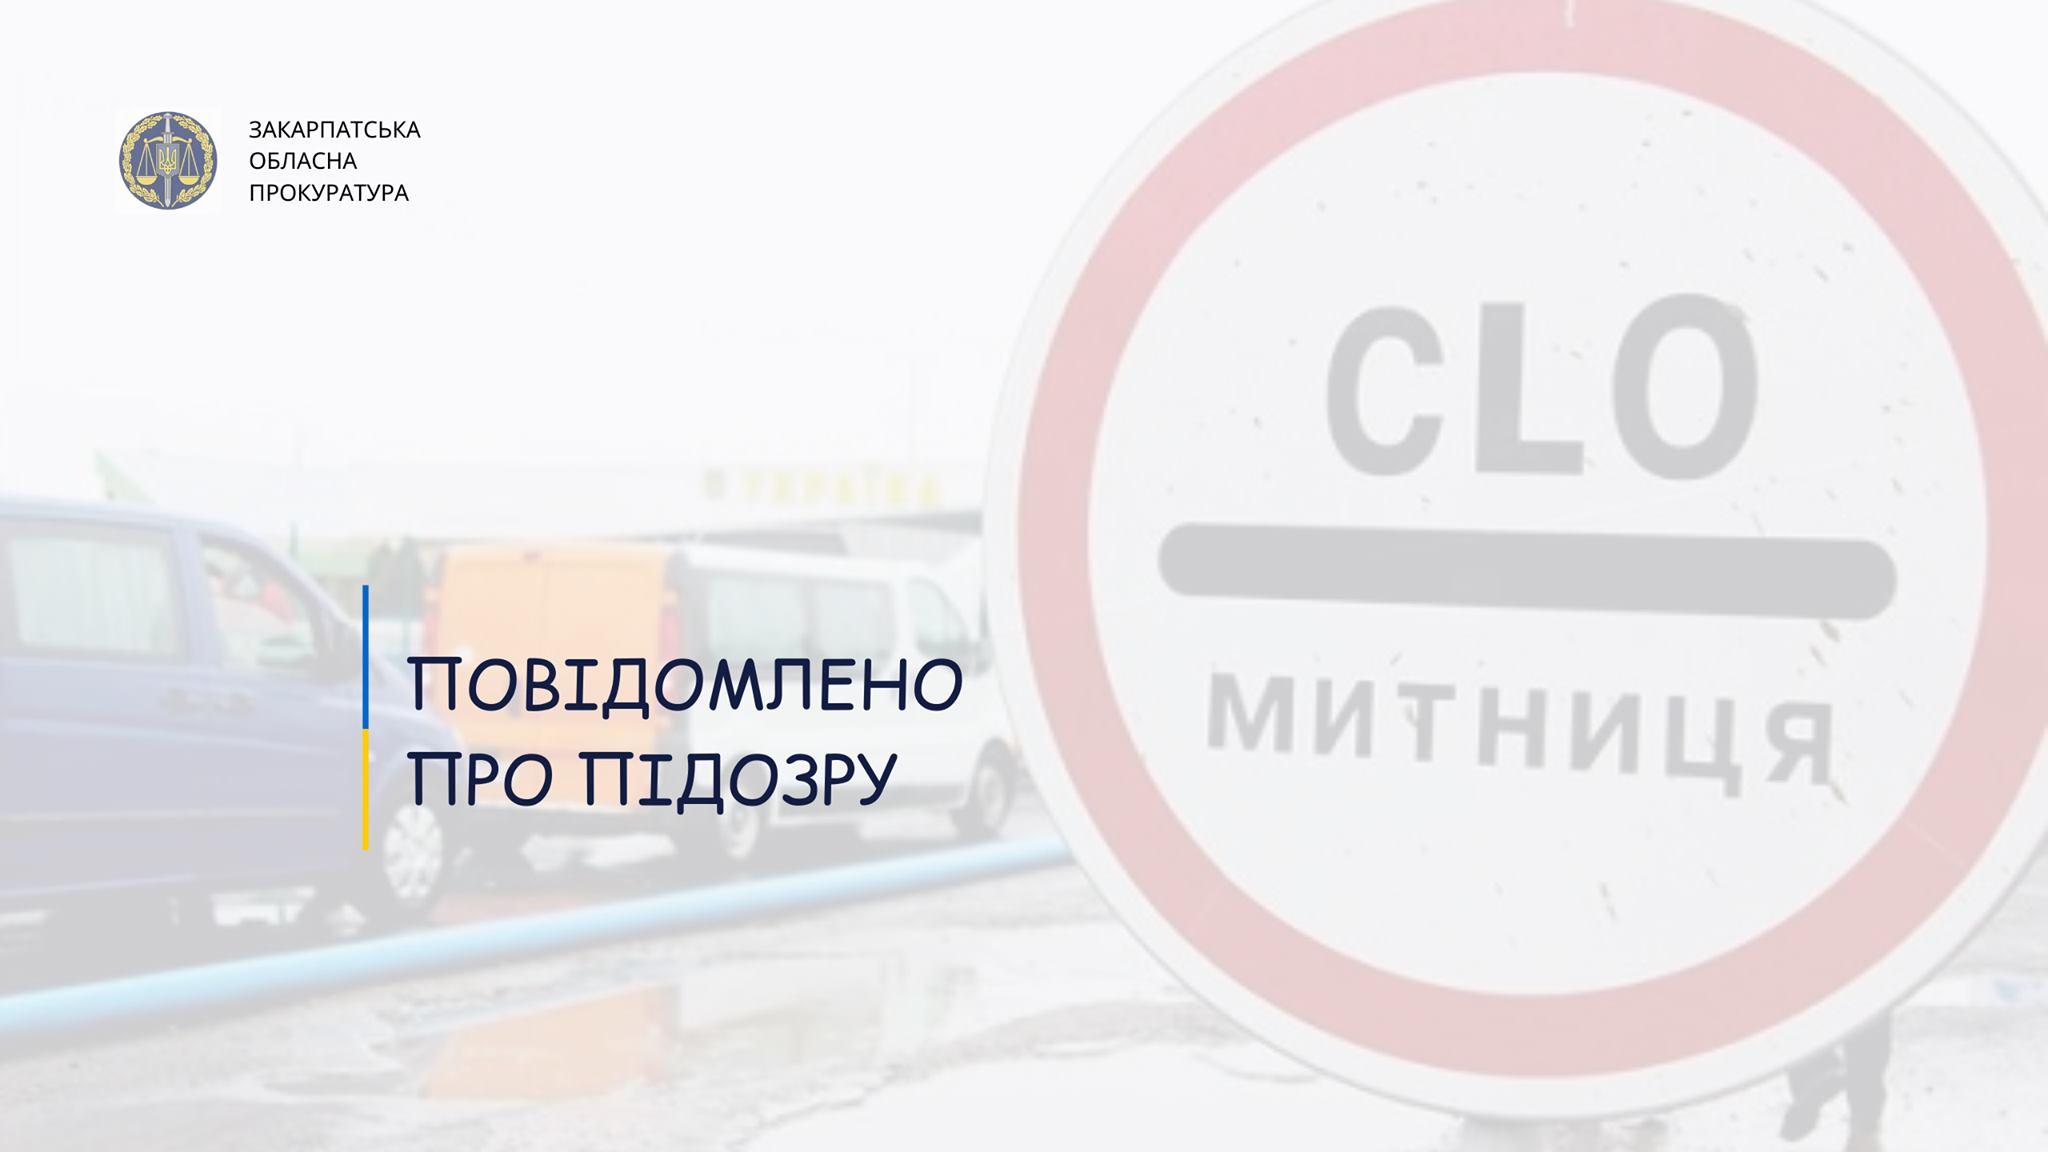 Митник змінив відомості в інформаційній системі АСМО «Інспектор» щодо митного оформлення та виїзду за межі митної території України автомобіля «Ford Mondeo».